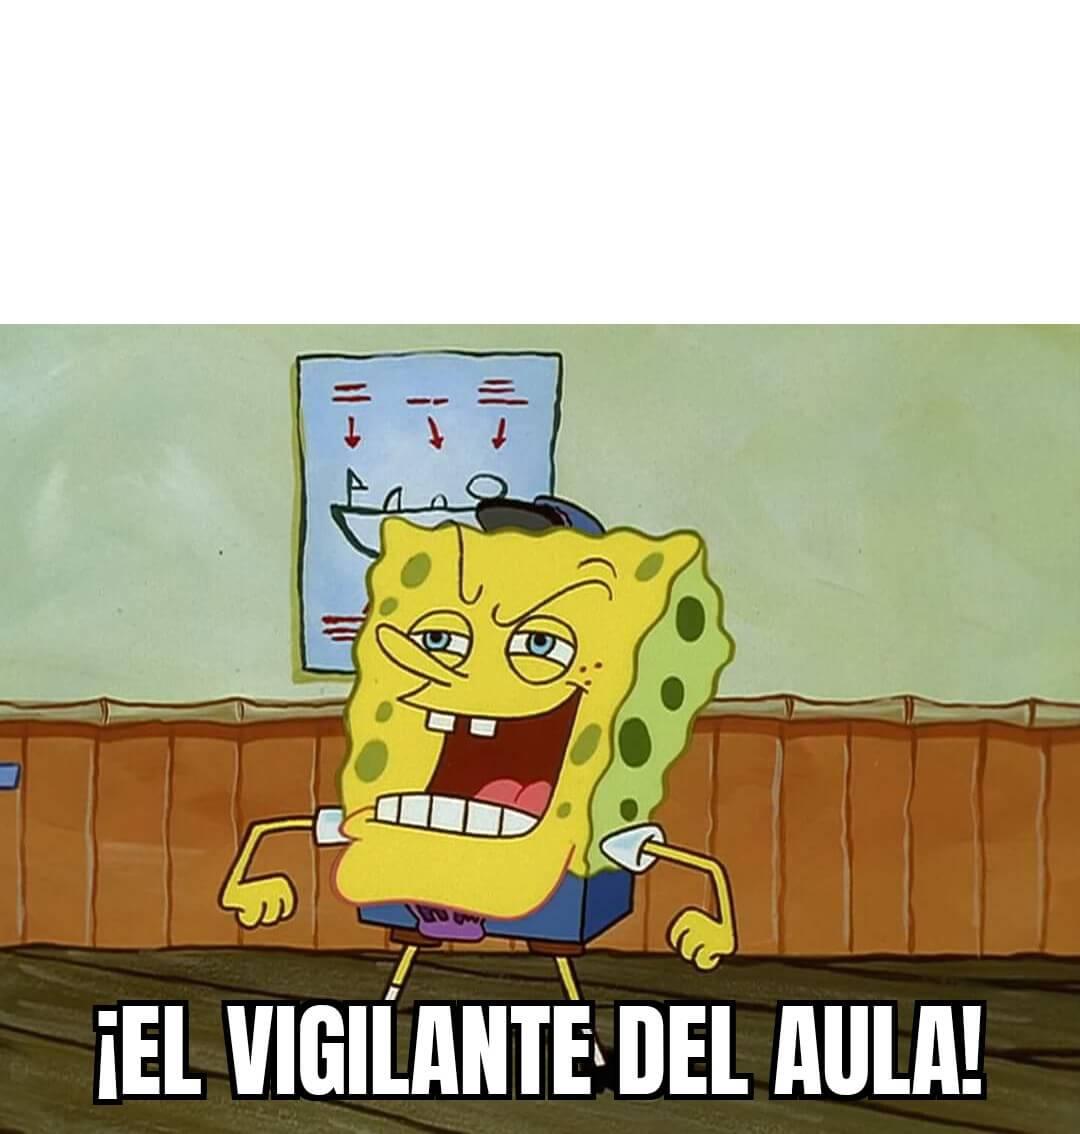 Plantilla de ¡EL VIGILANTE DEL AULA!